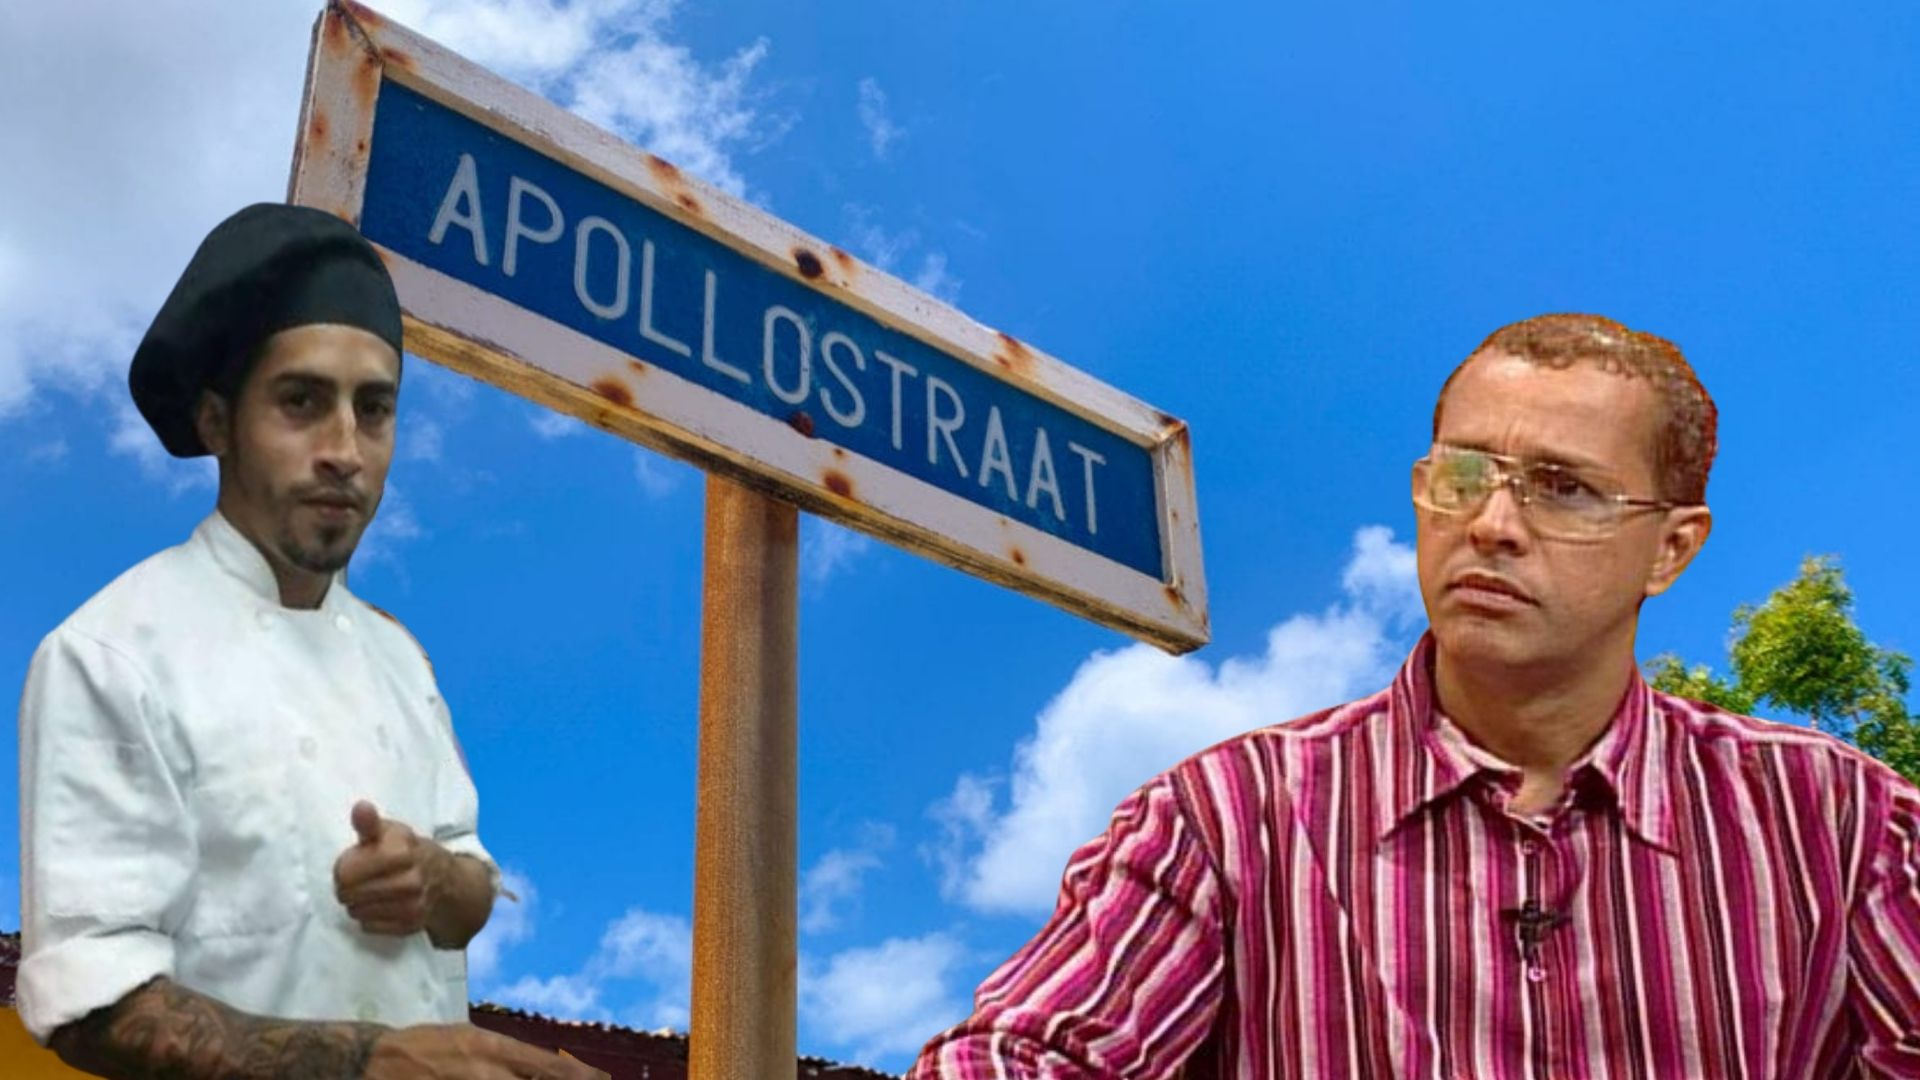 Apollo: Gonzalez ta liber pero ta continua sospechoso